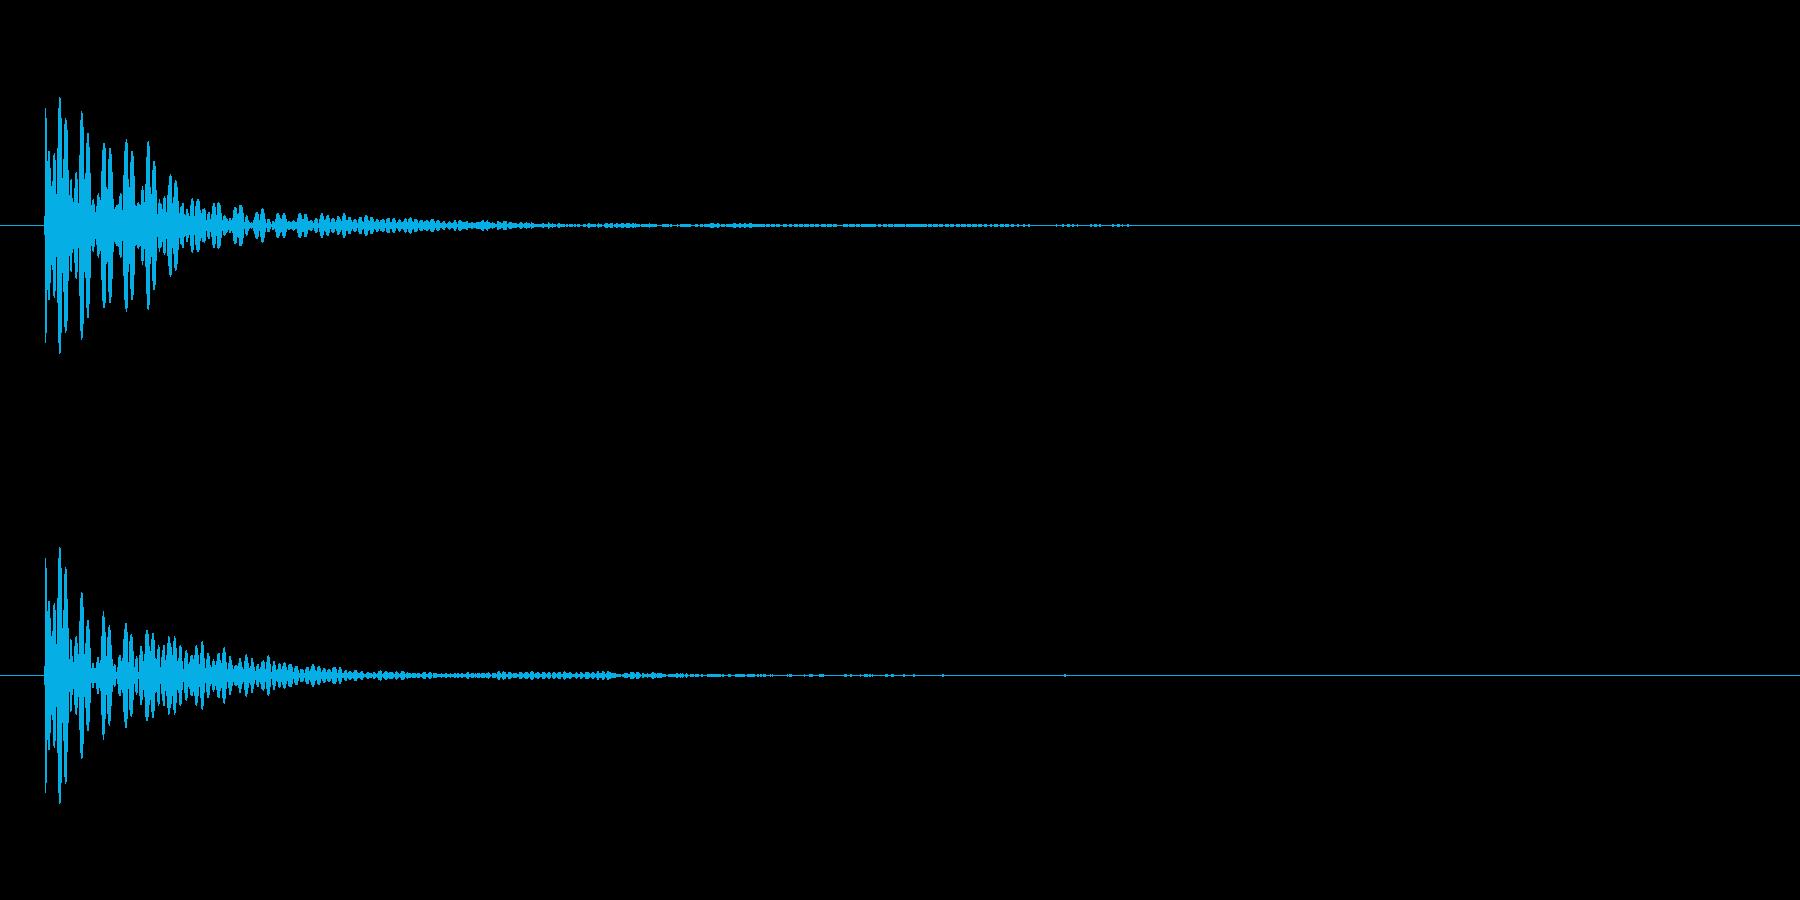 ポン カーソル音 タップ音 C#-15_の再生済みの波形